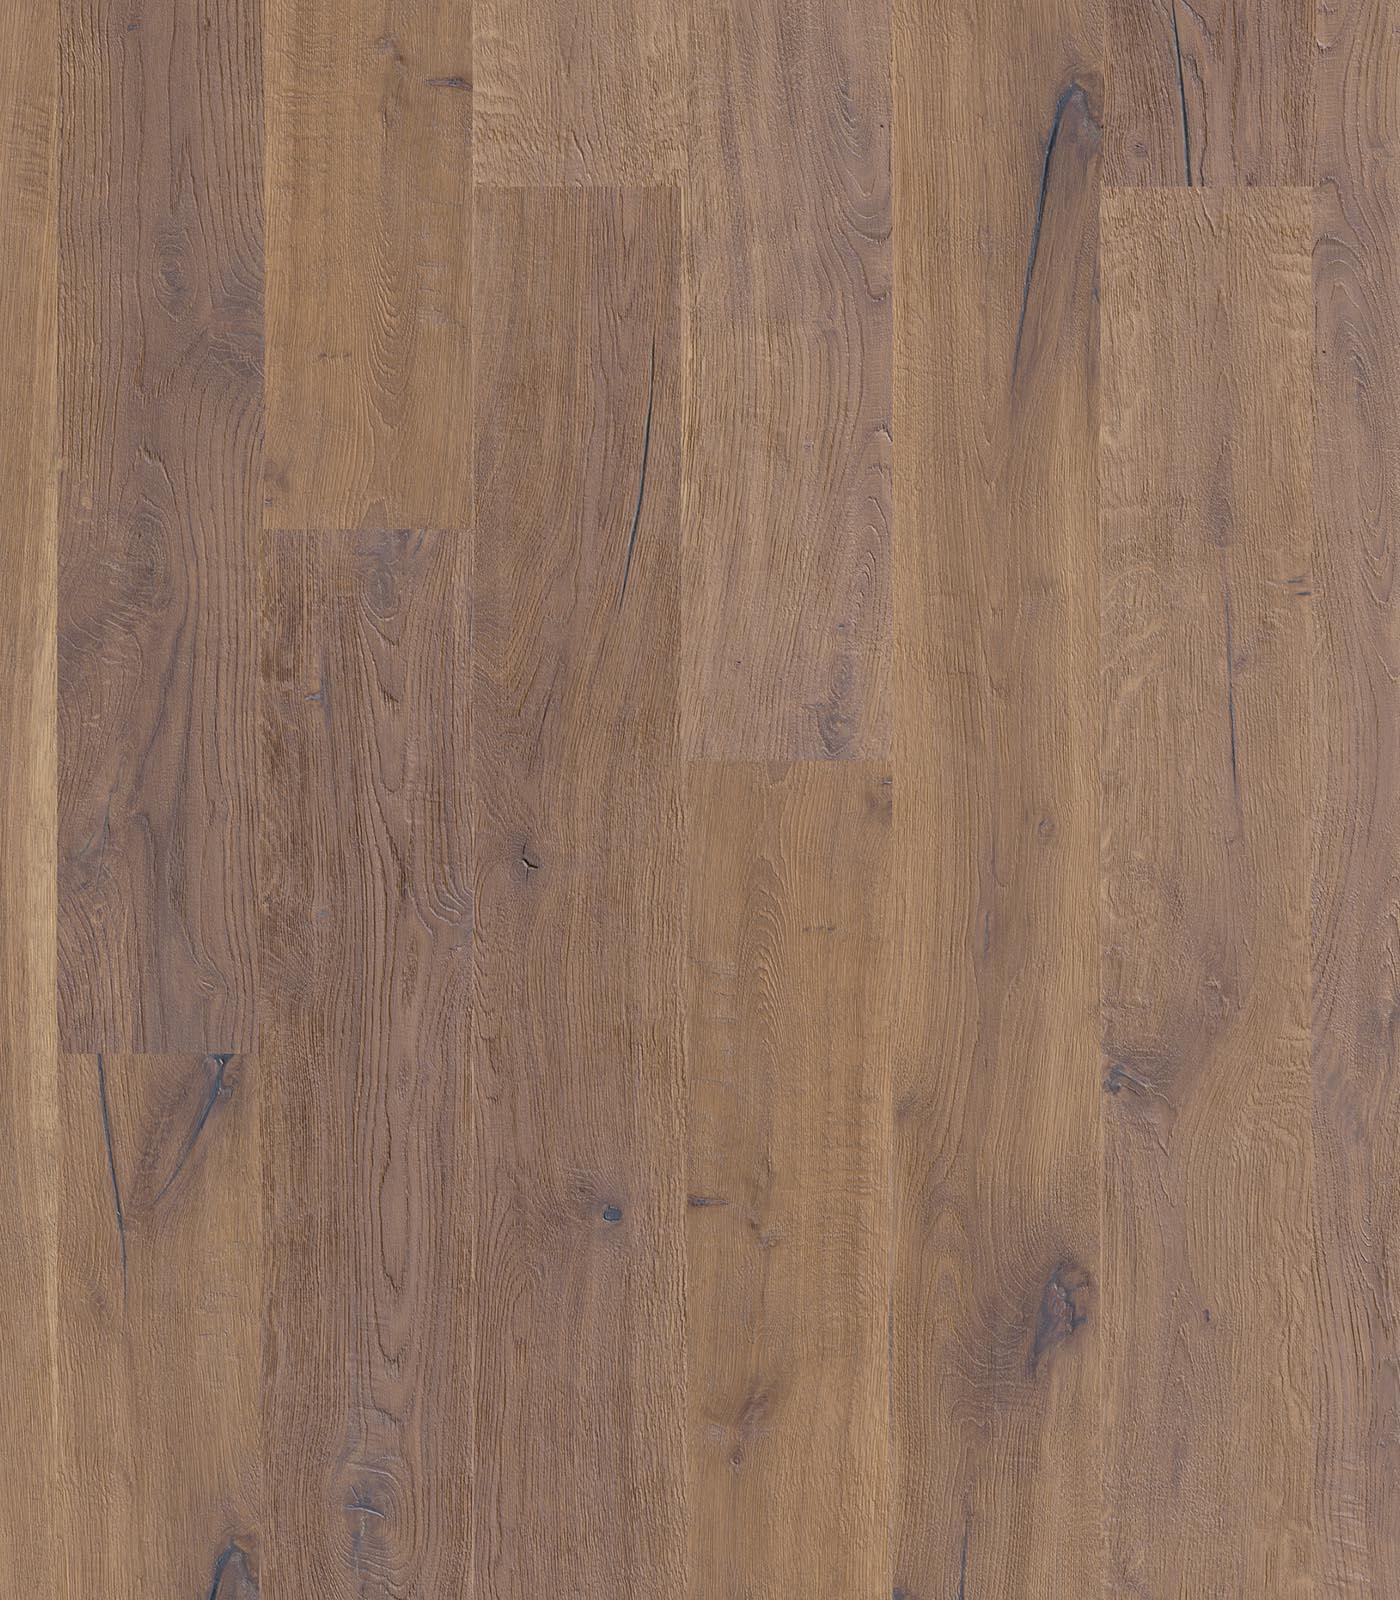 Karakoram-Antique Collection-European Oak Flooring